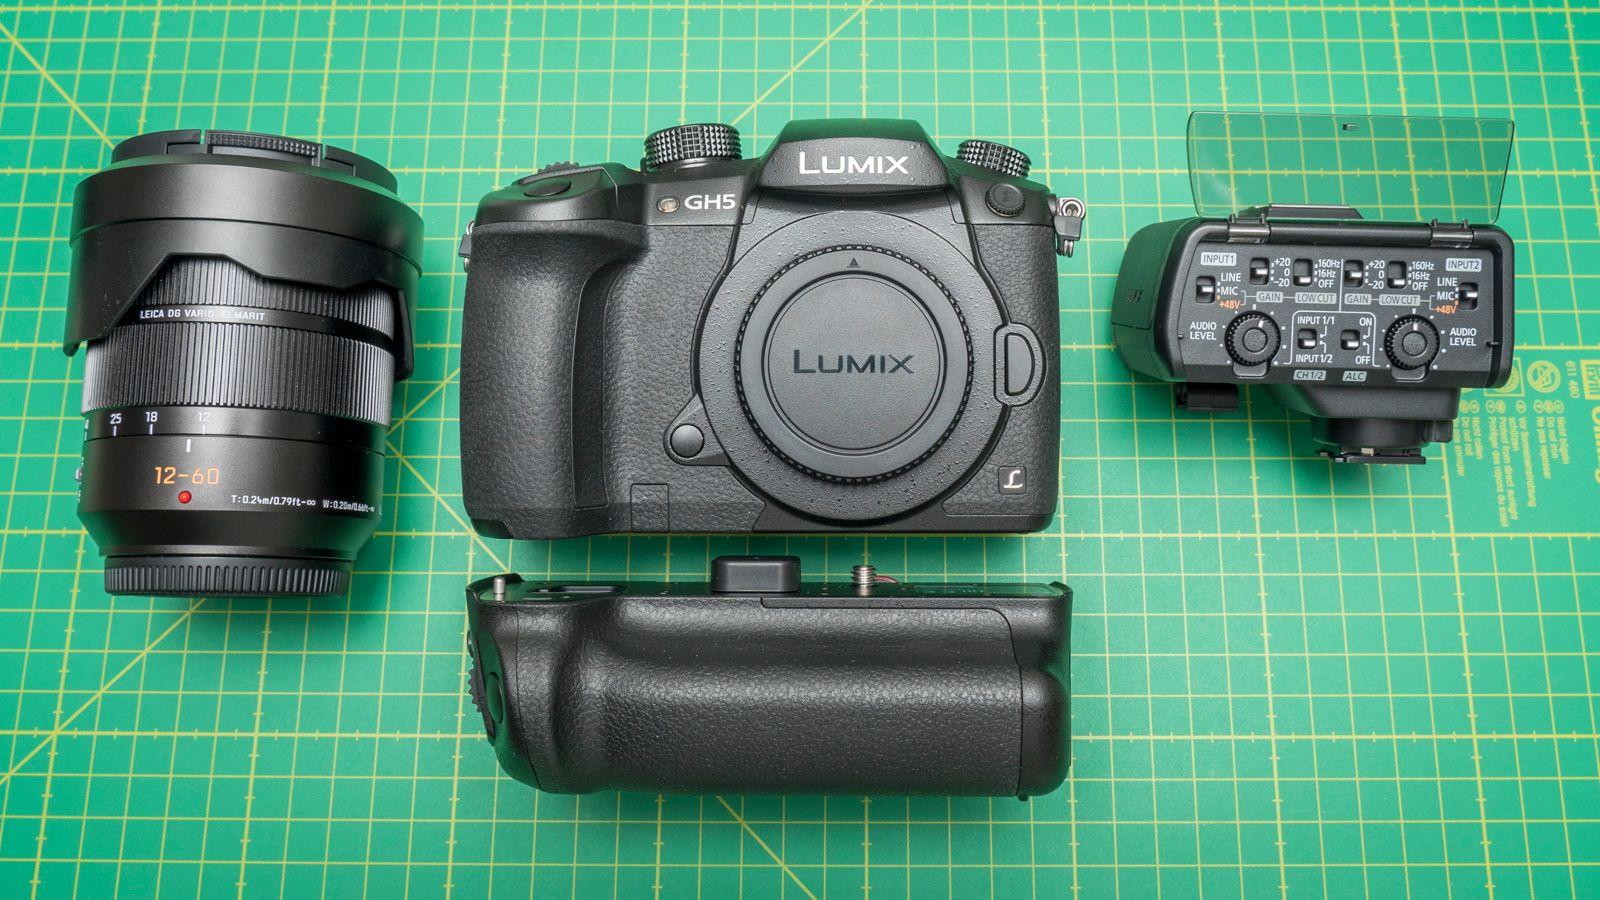 I tillegg til kameraet har Panasonic lagt med et finfint batterigrep og en veldig fin lydmikser med XLR-innganger. Gull verdt for profesjonell videoproduksjon.